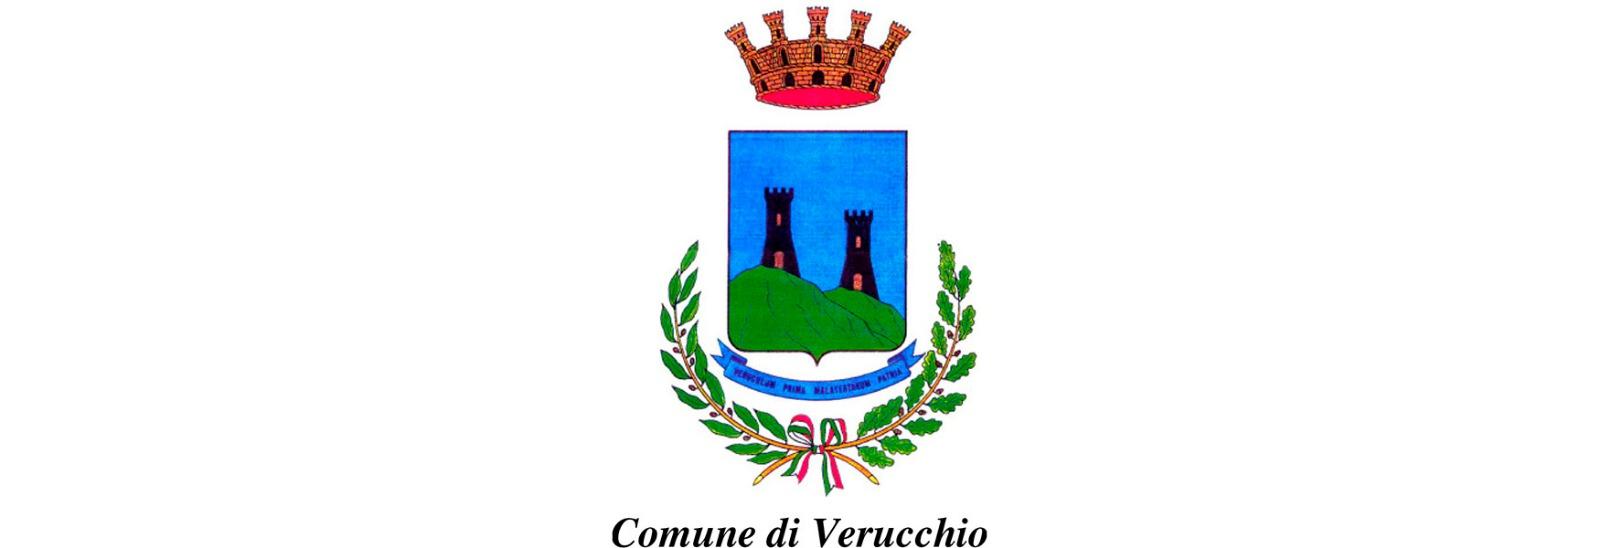 Comune di Verucchio